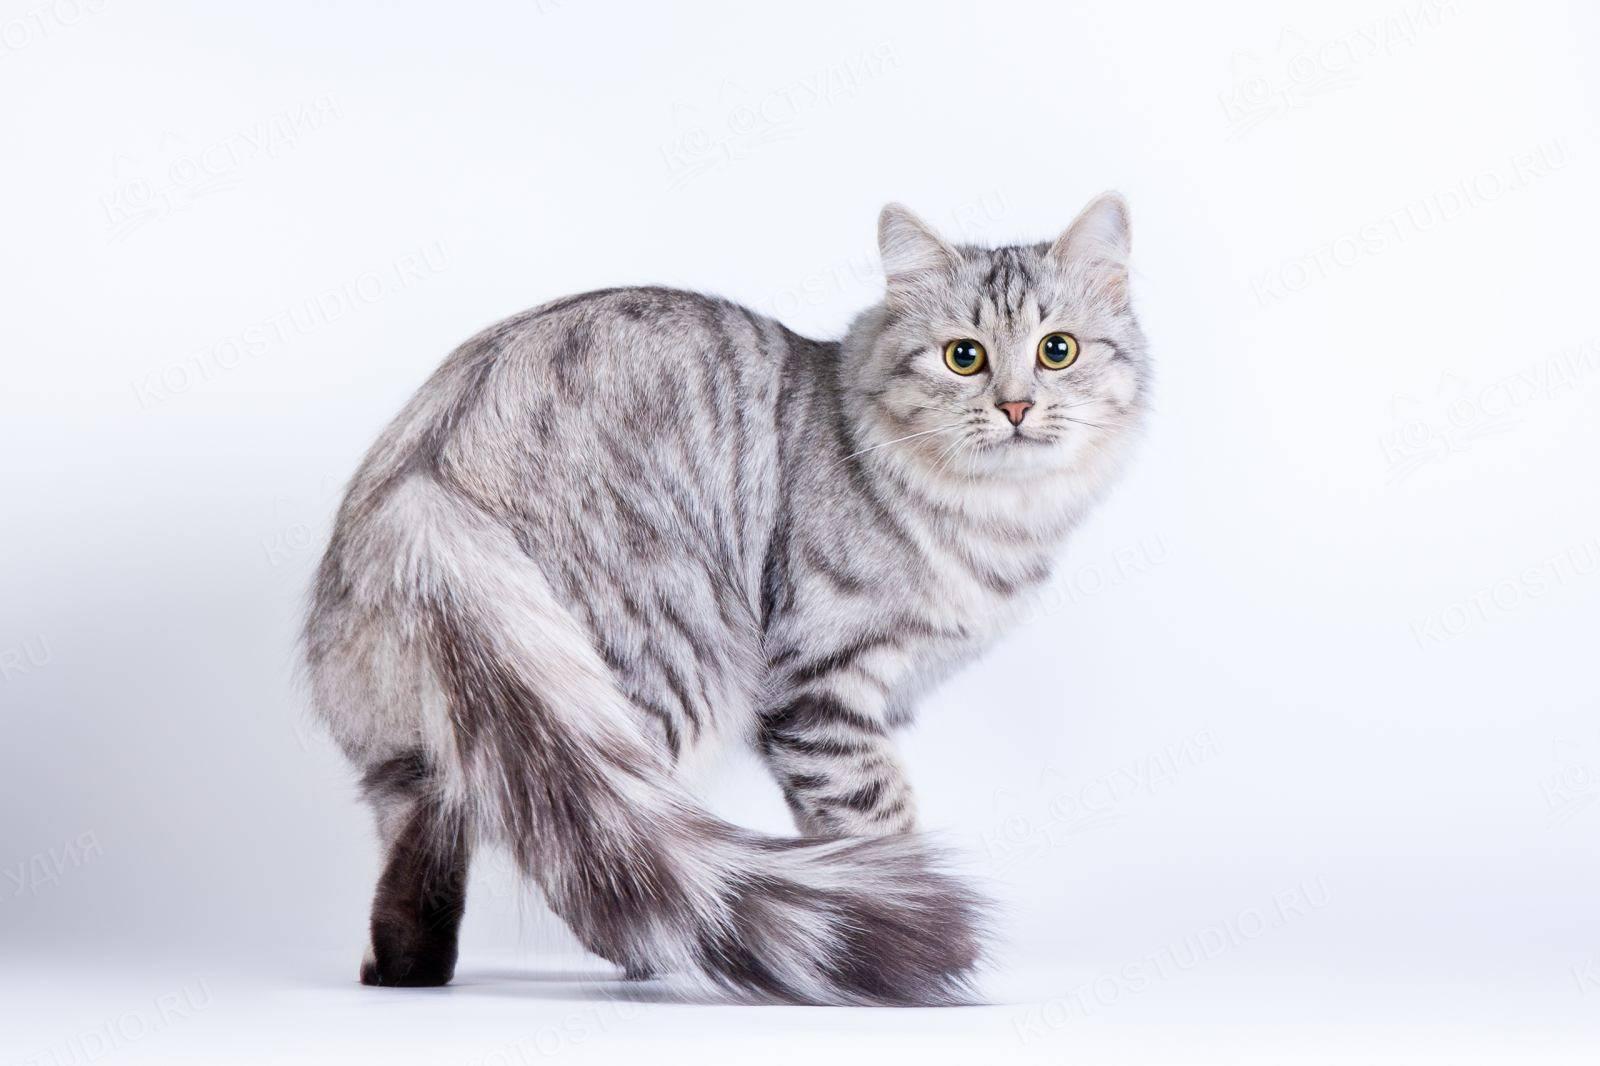 Необычные окрасы шотландских кошек: особенности расцветок для разных видов породы